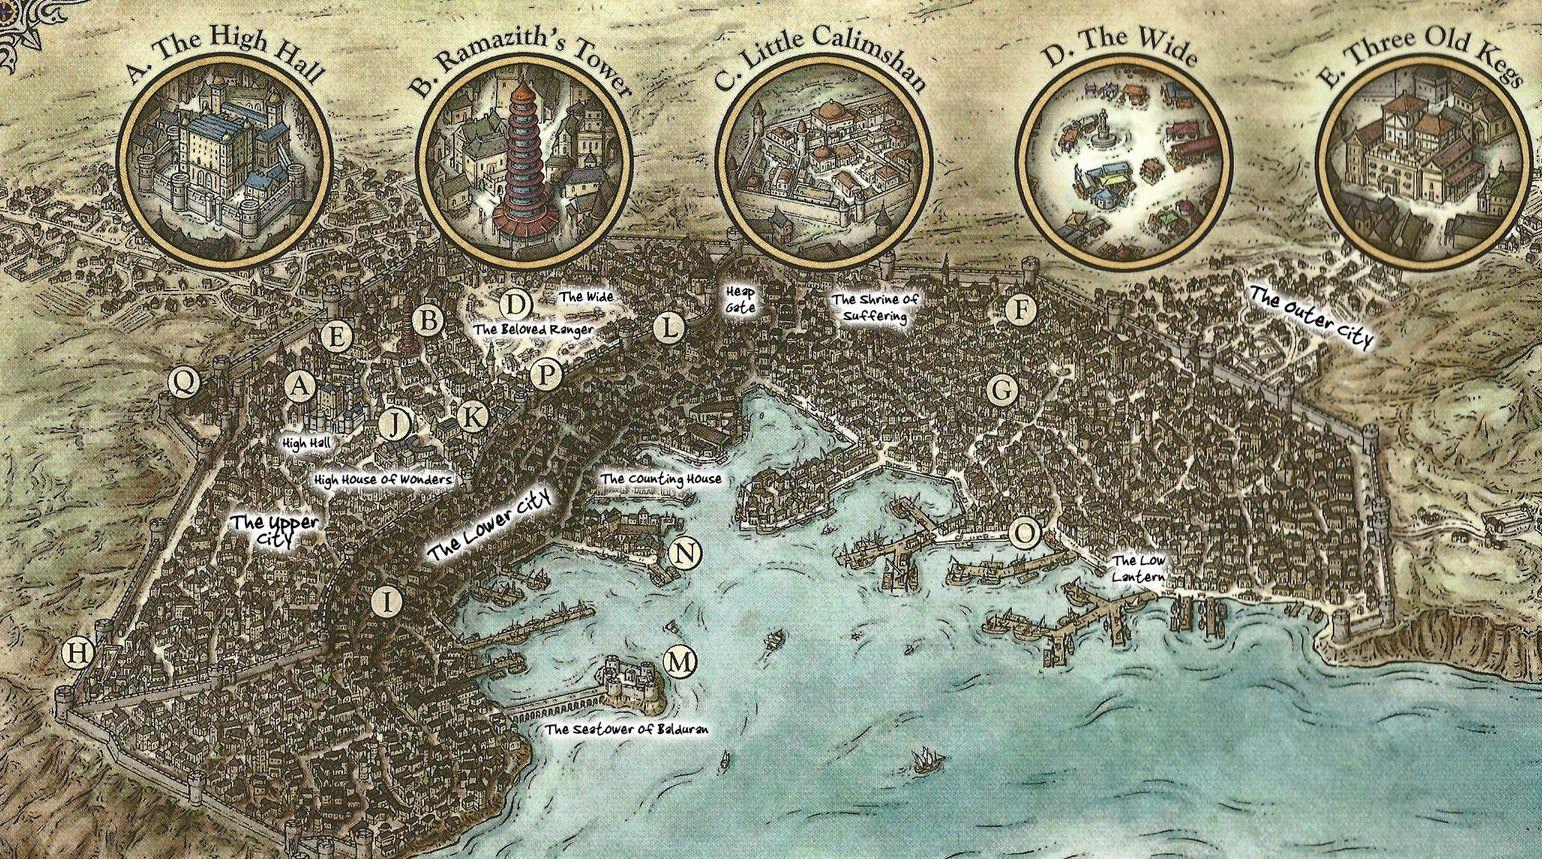 Punctilious Baldur S Gate City Map 5e 2019 Mapa De Fantasia